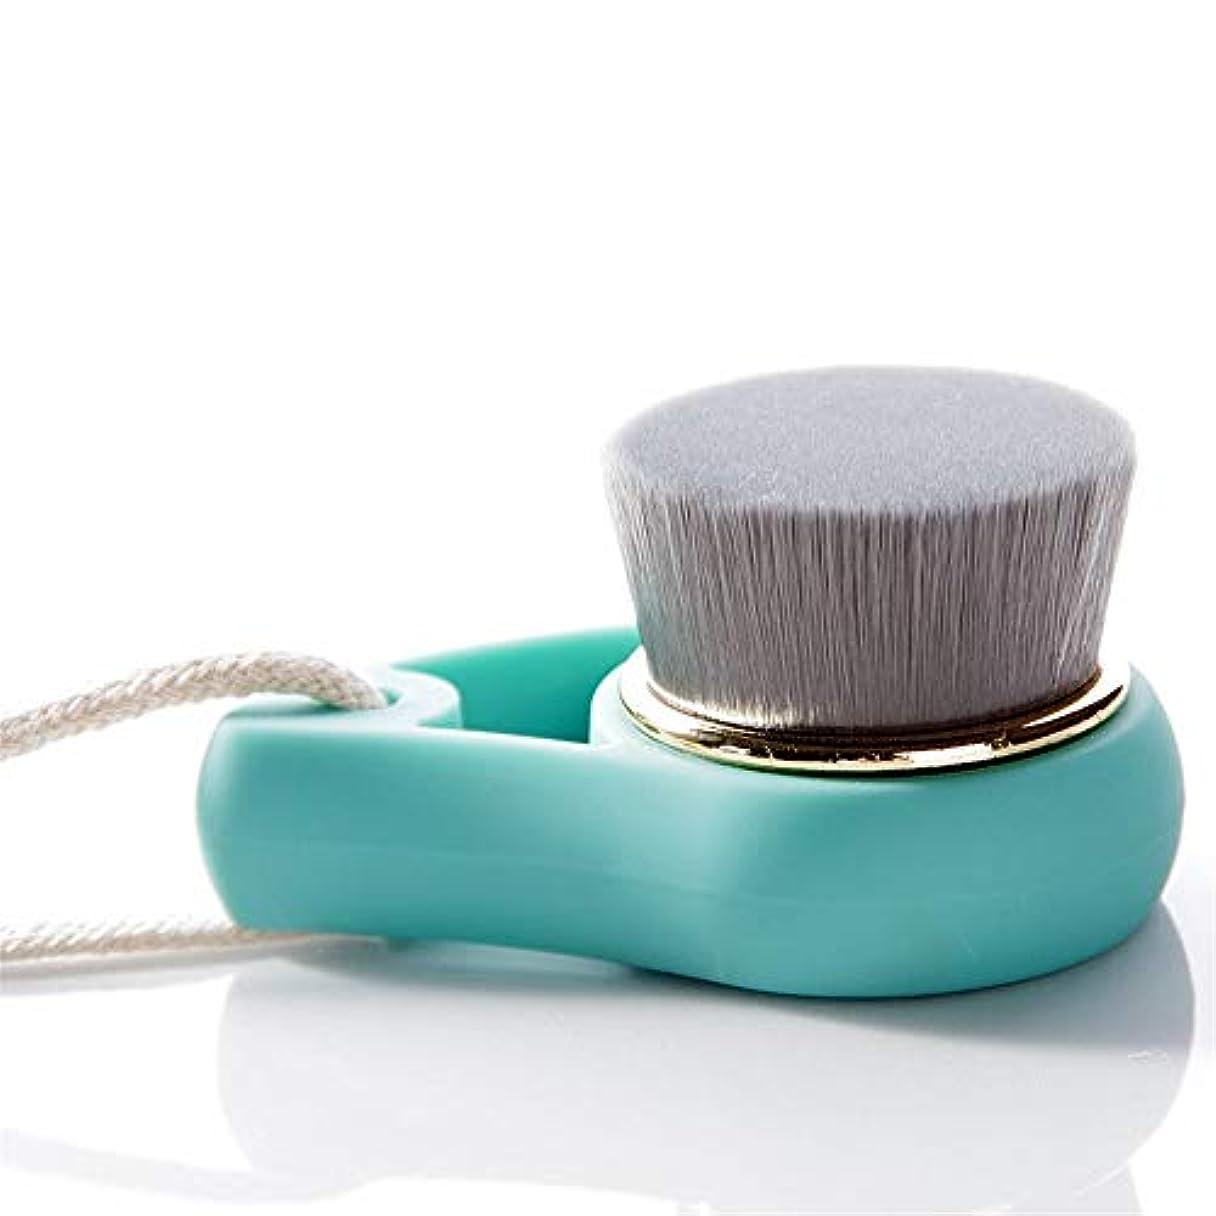 始まり故障中ぼかし洗顔ブラシ ソフト剛毛フェイスクリーニング美容ブラシ女性のクレンジングブラシ ディープクレンジングスキンケア用